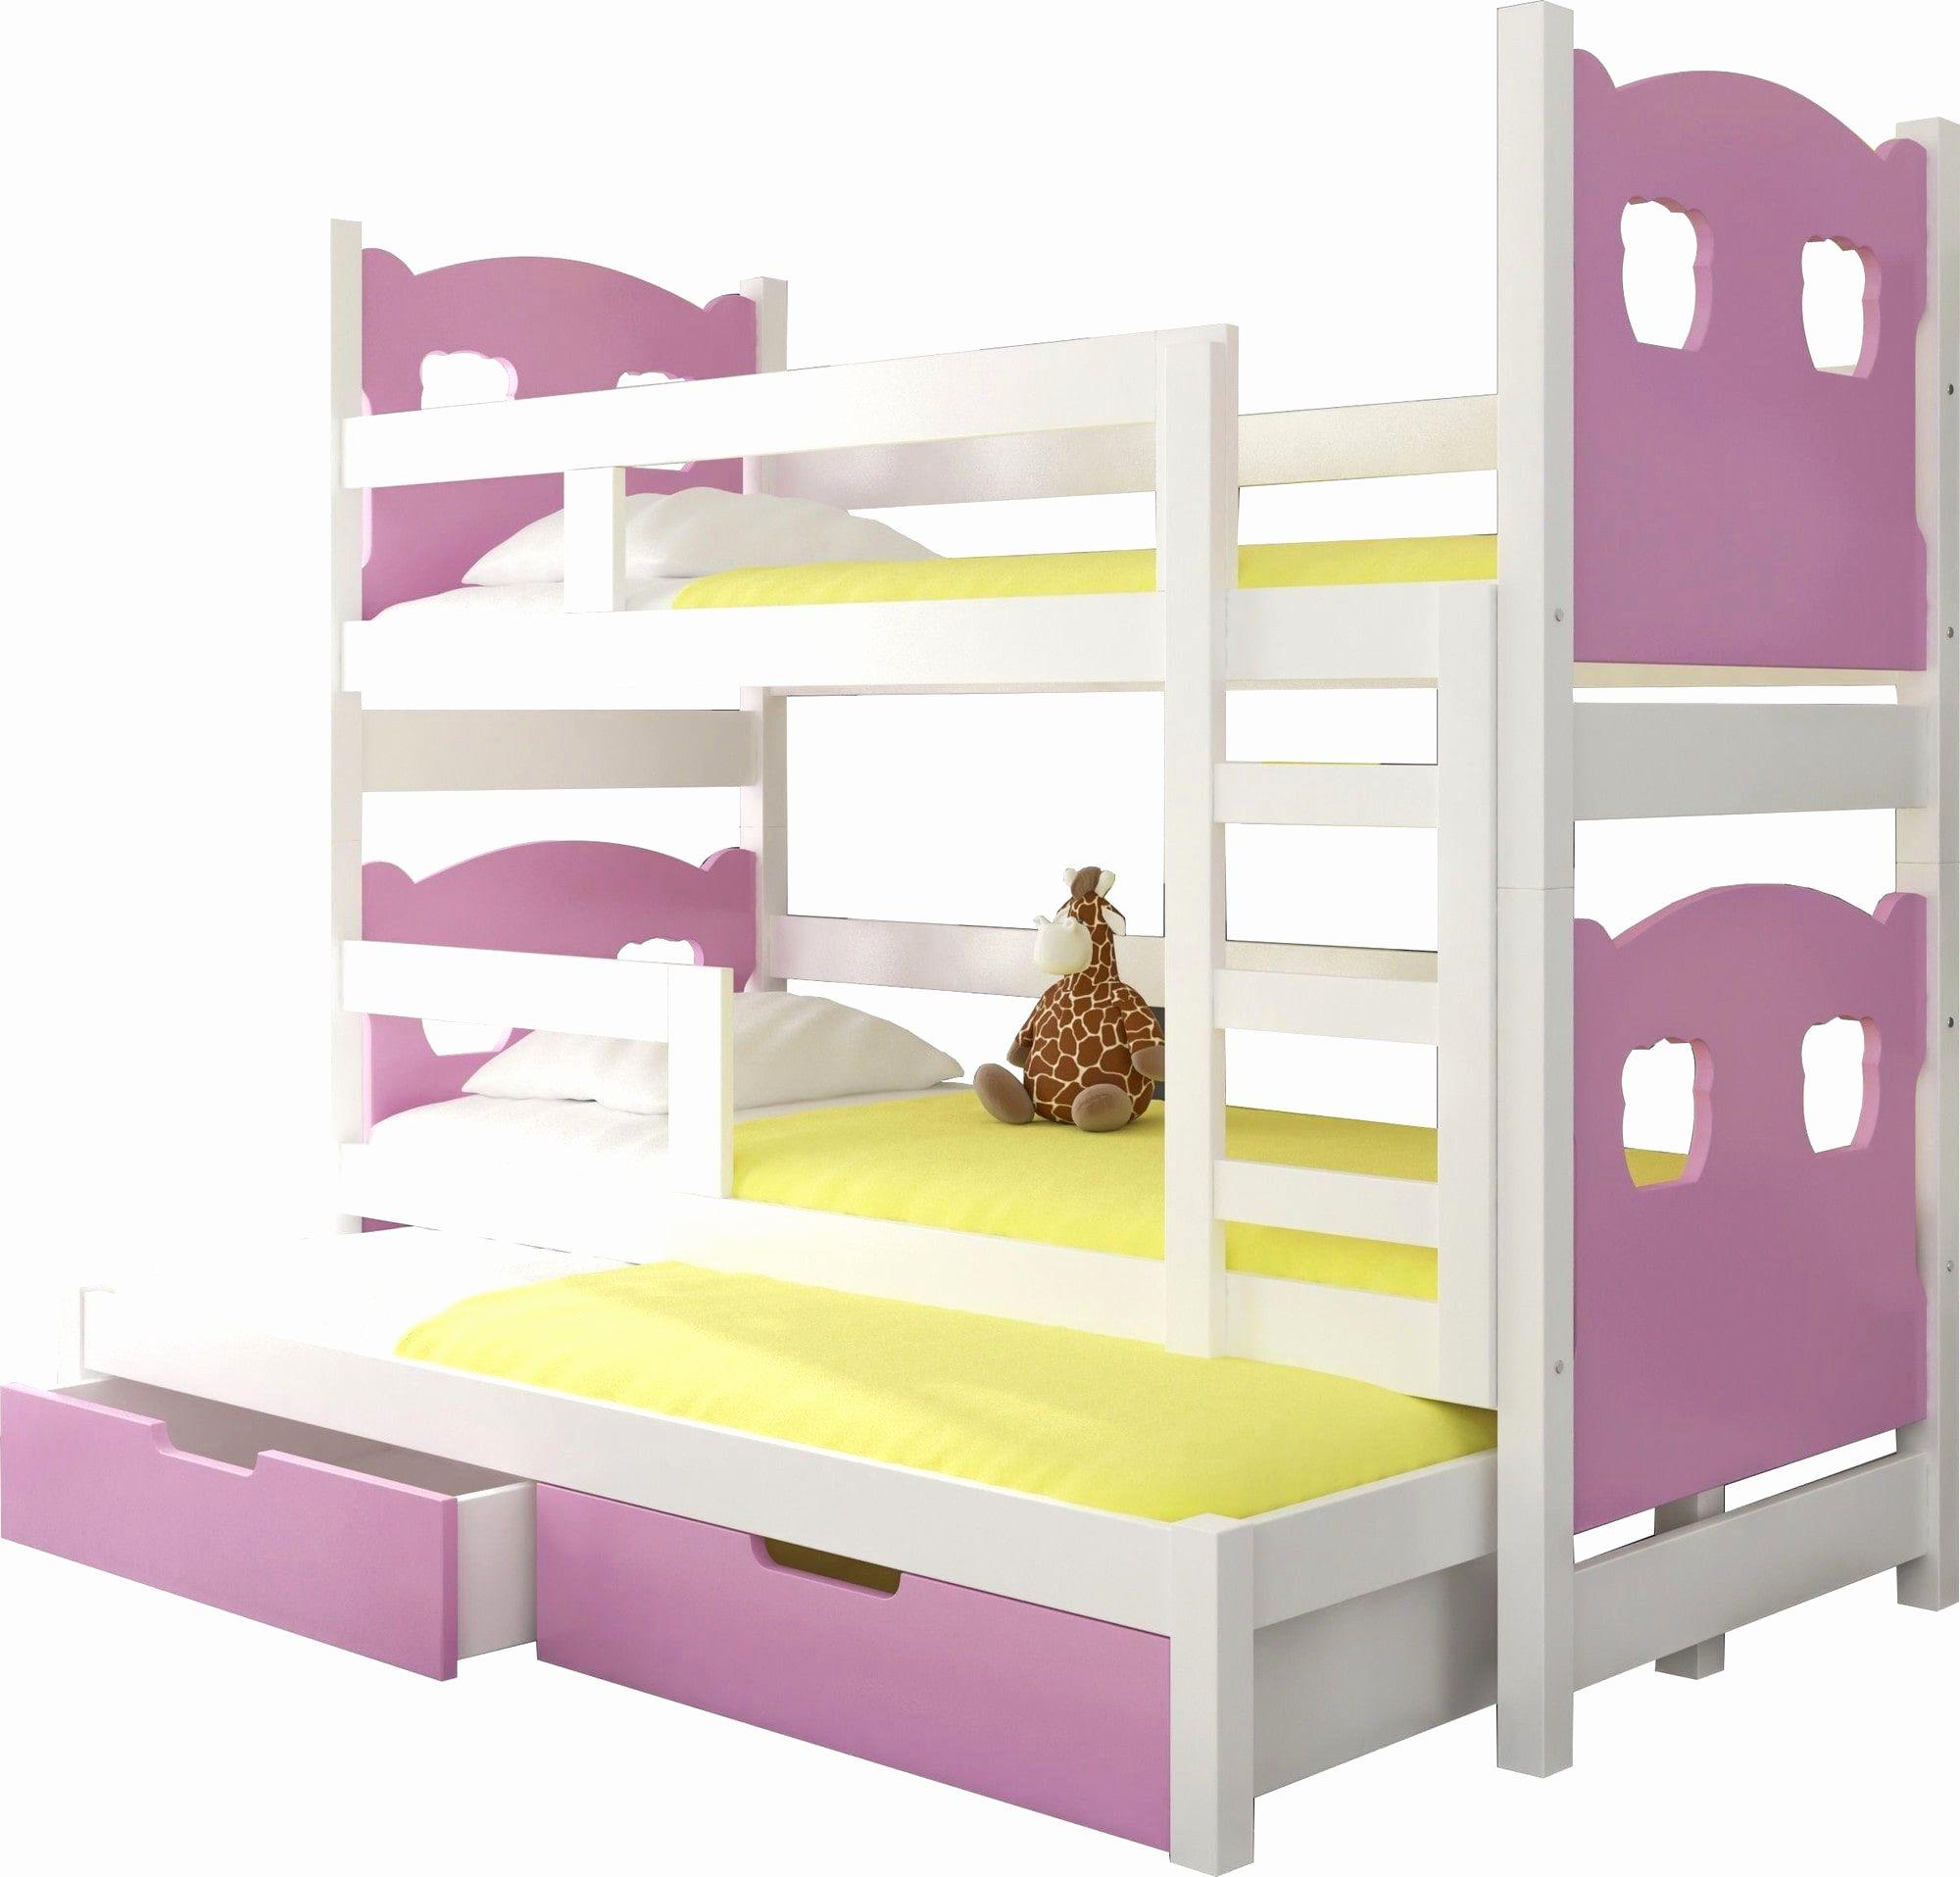 Lit Gigogne 2 Places Ikea Impressionnant Lit Gigogne 2 Places Conforama Inspirant Stock 34 Meilleur De Image